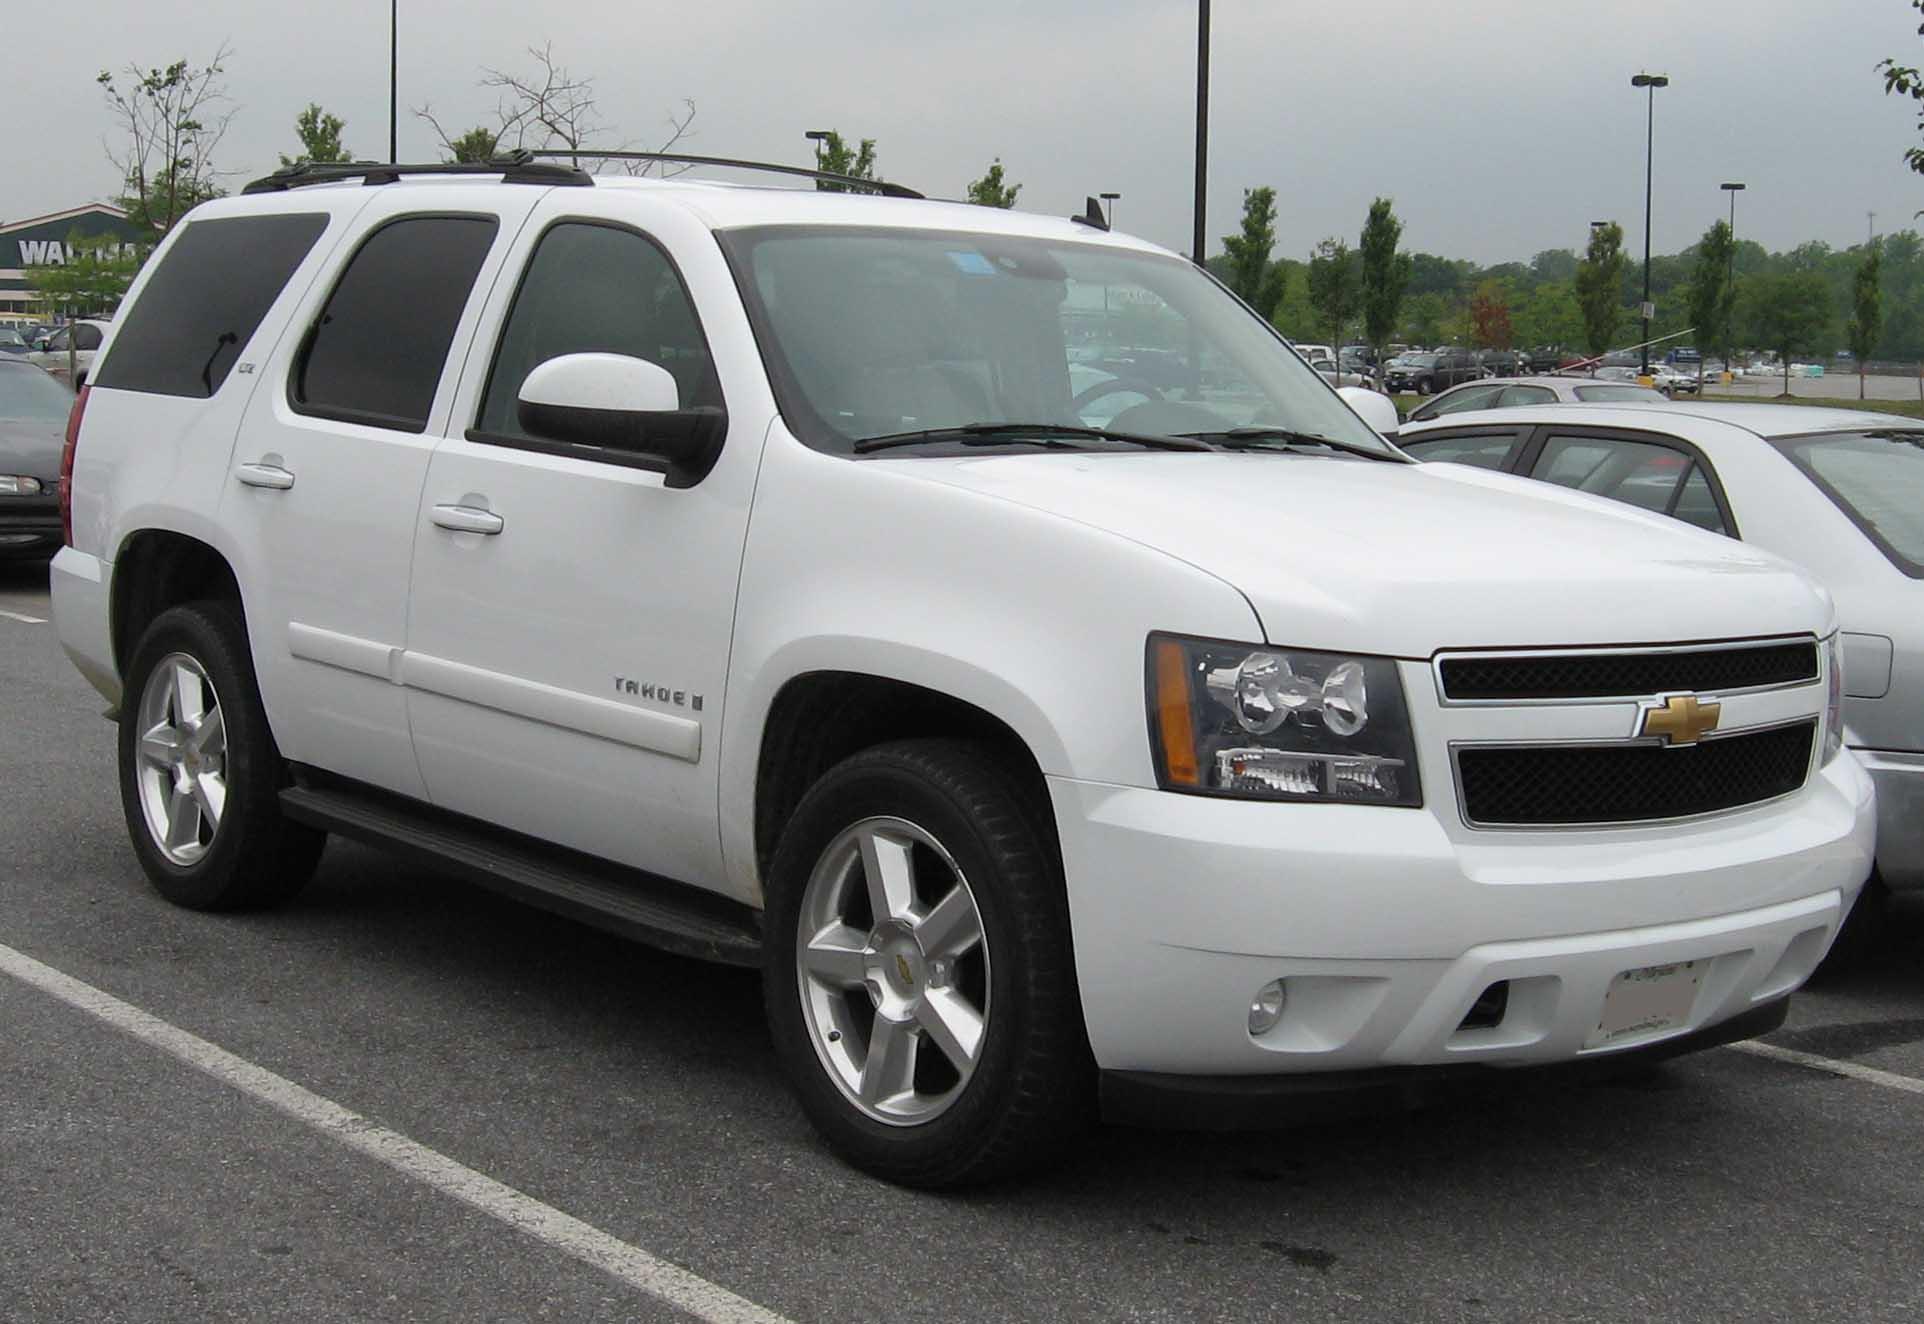 Chevrolet Blazer 2007 foto - 4